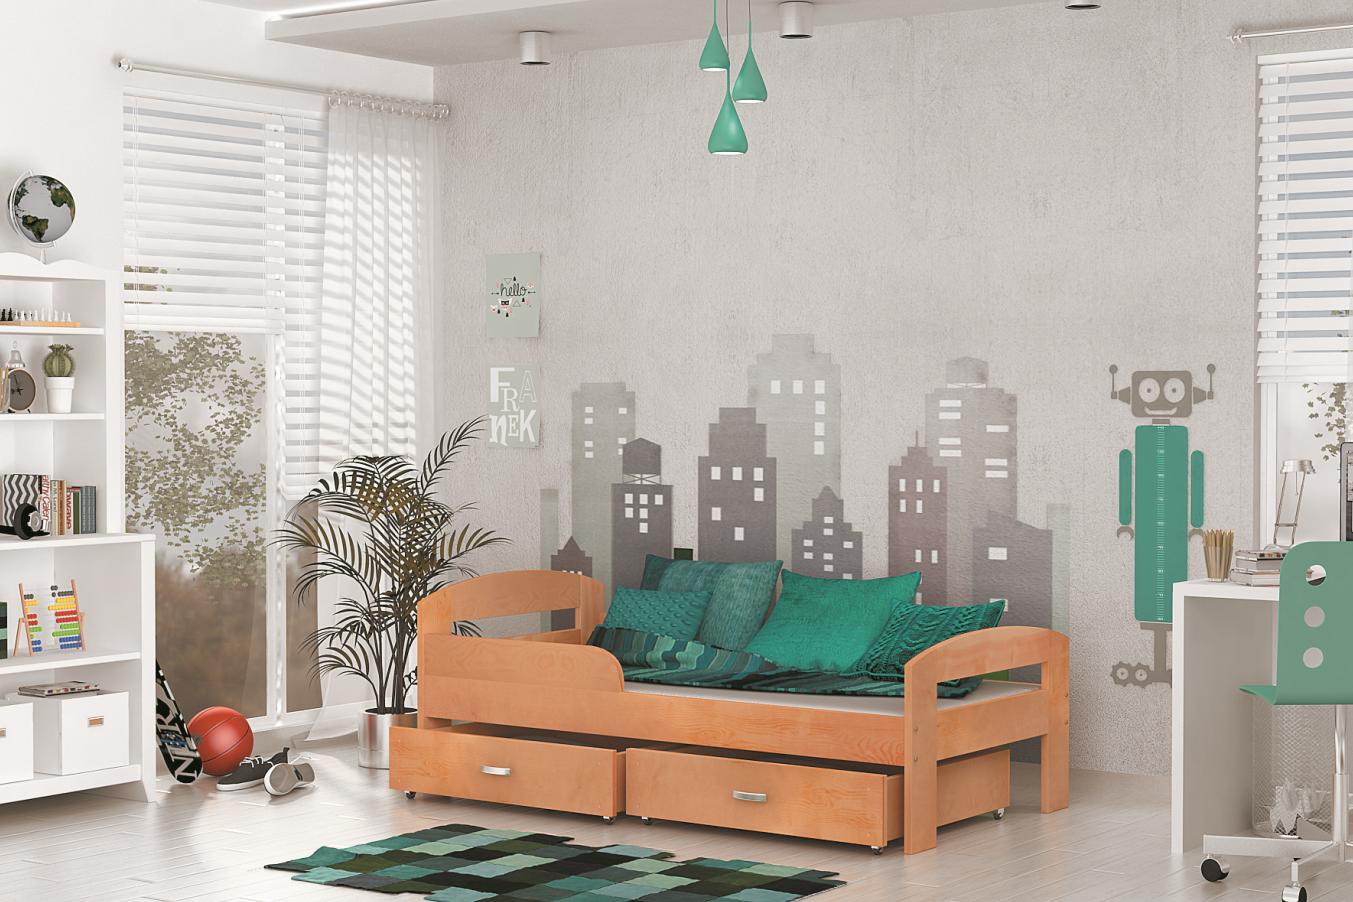 ArtAJ Detská posteľ GRZES 180x80 farebné prevedenie: jelša bez matraca